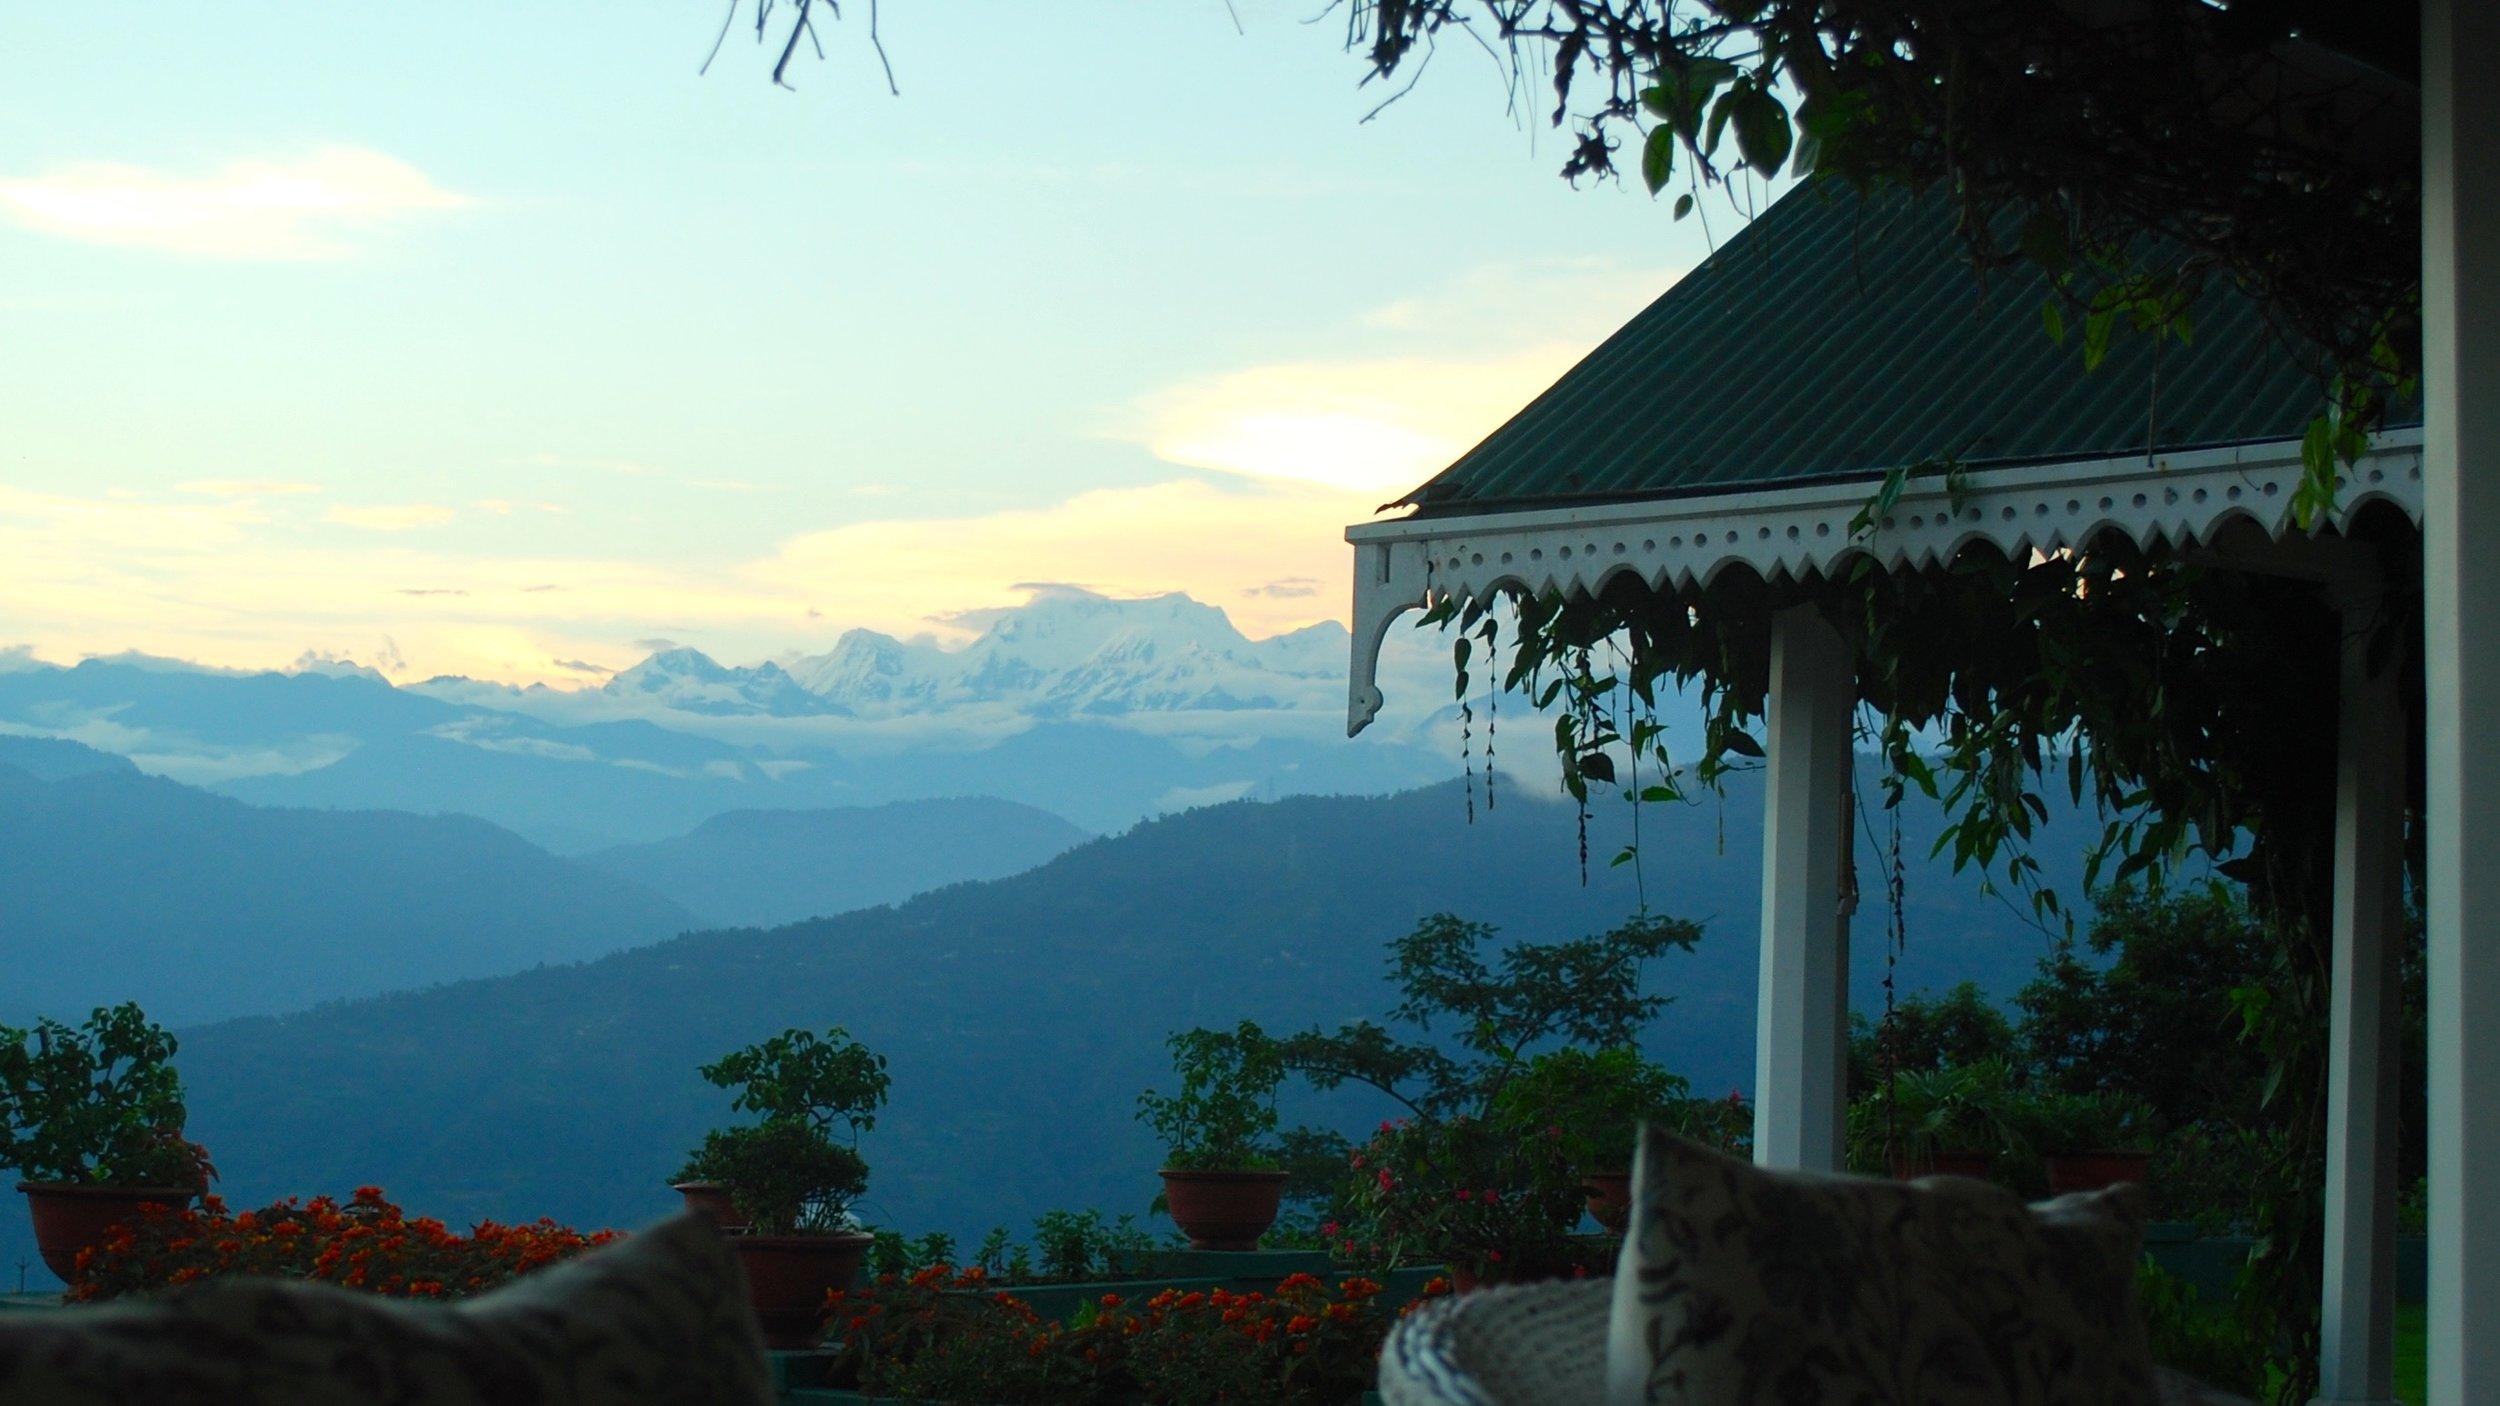 Indian-Glenburn-verandah-view.jpg